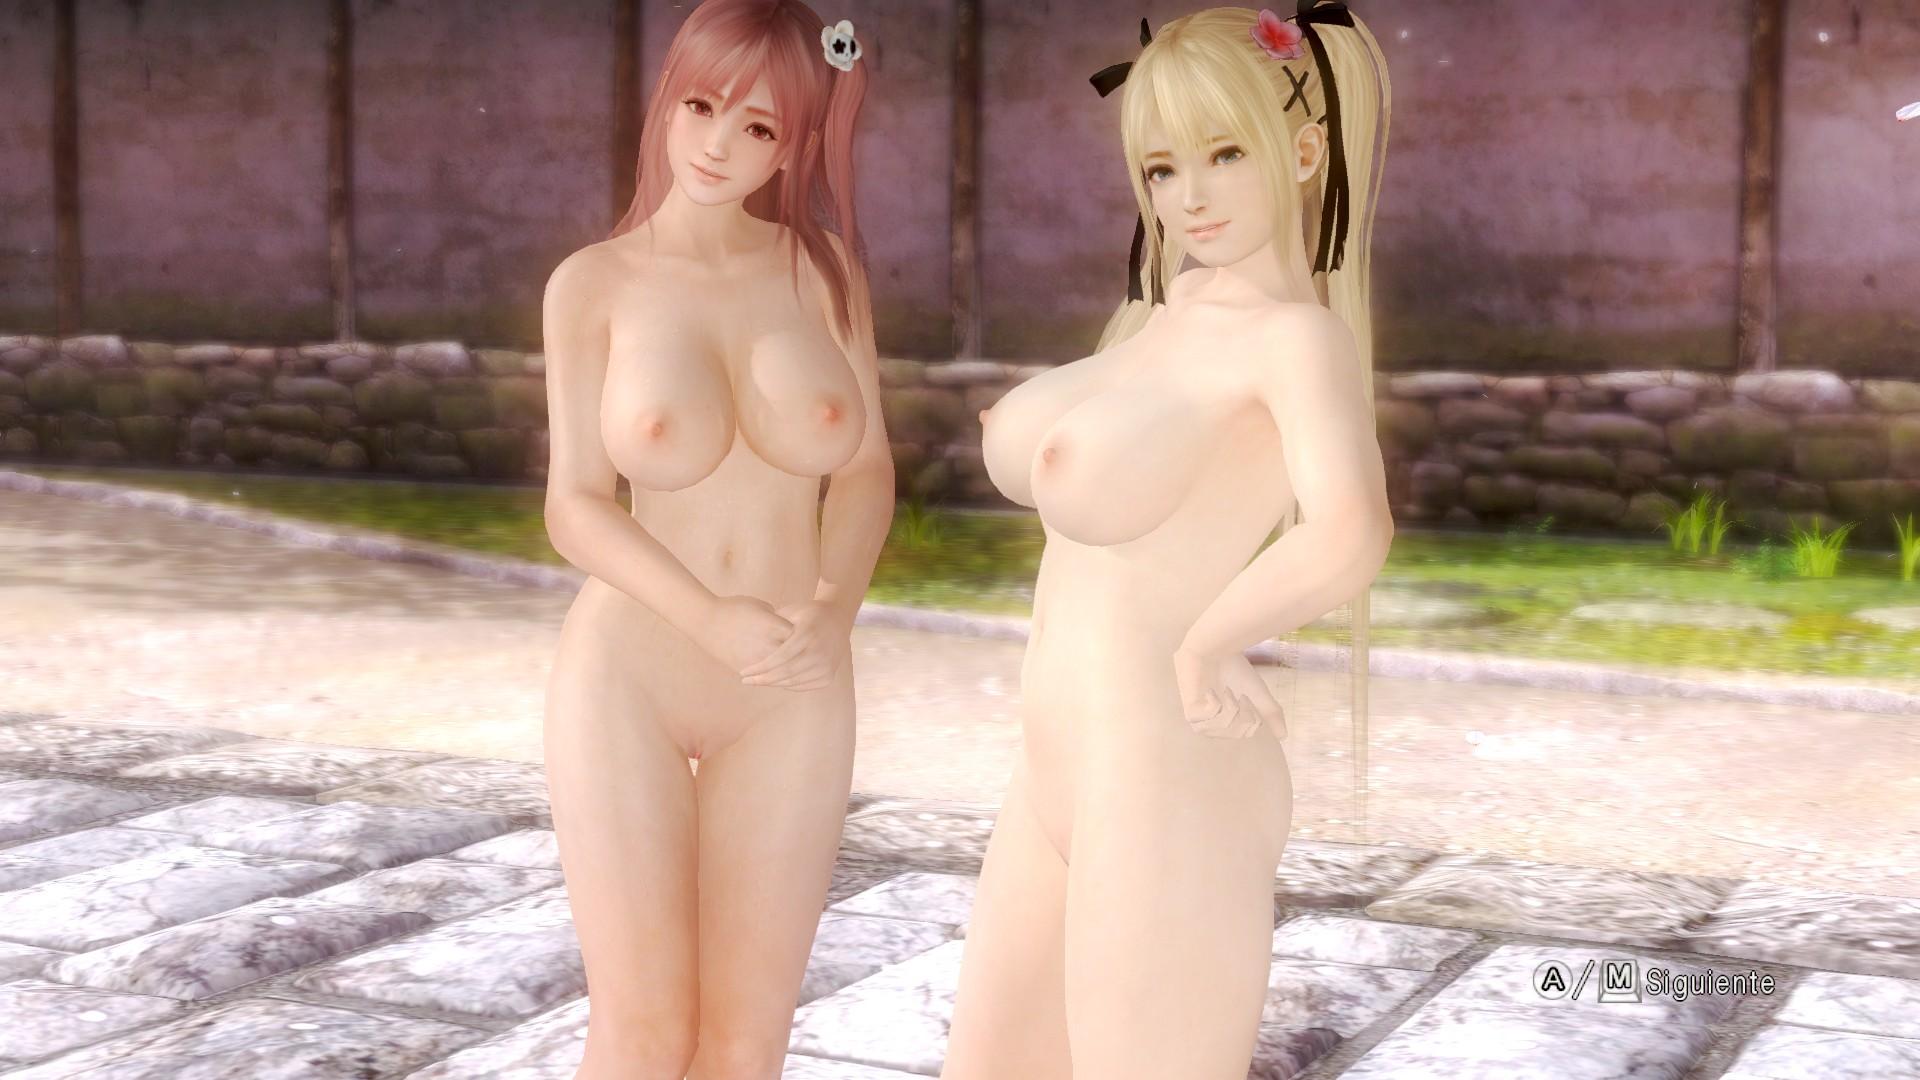 Gabrielle drake tits